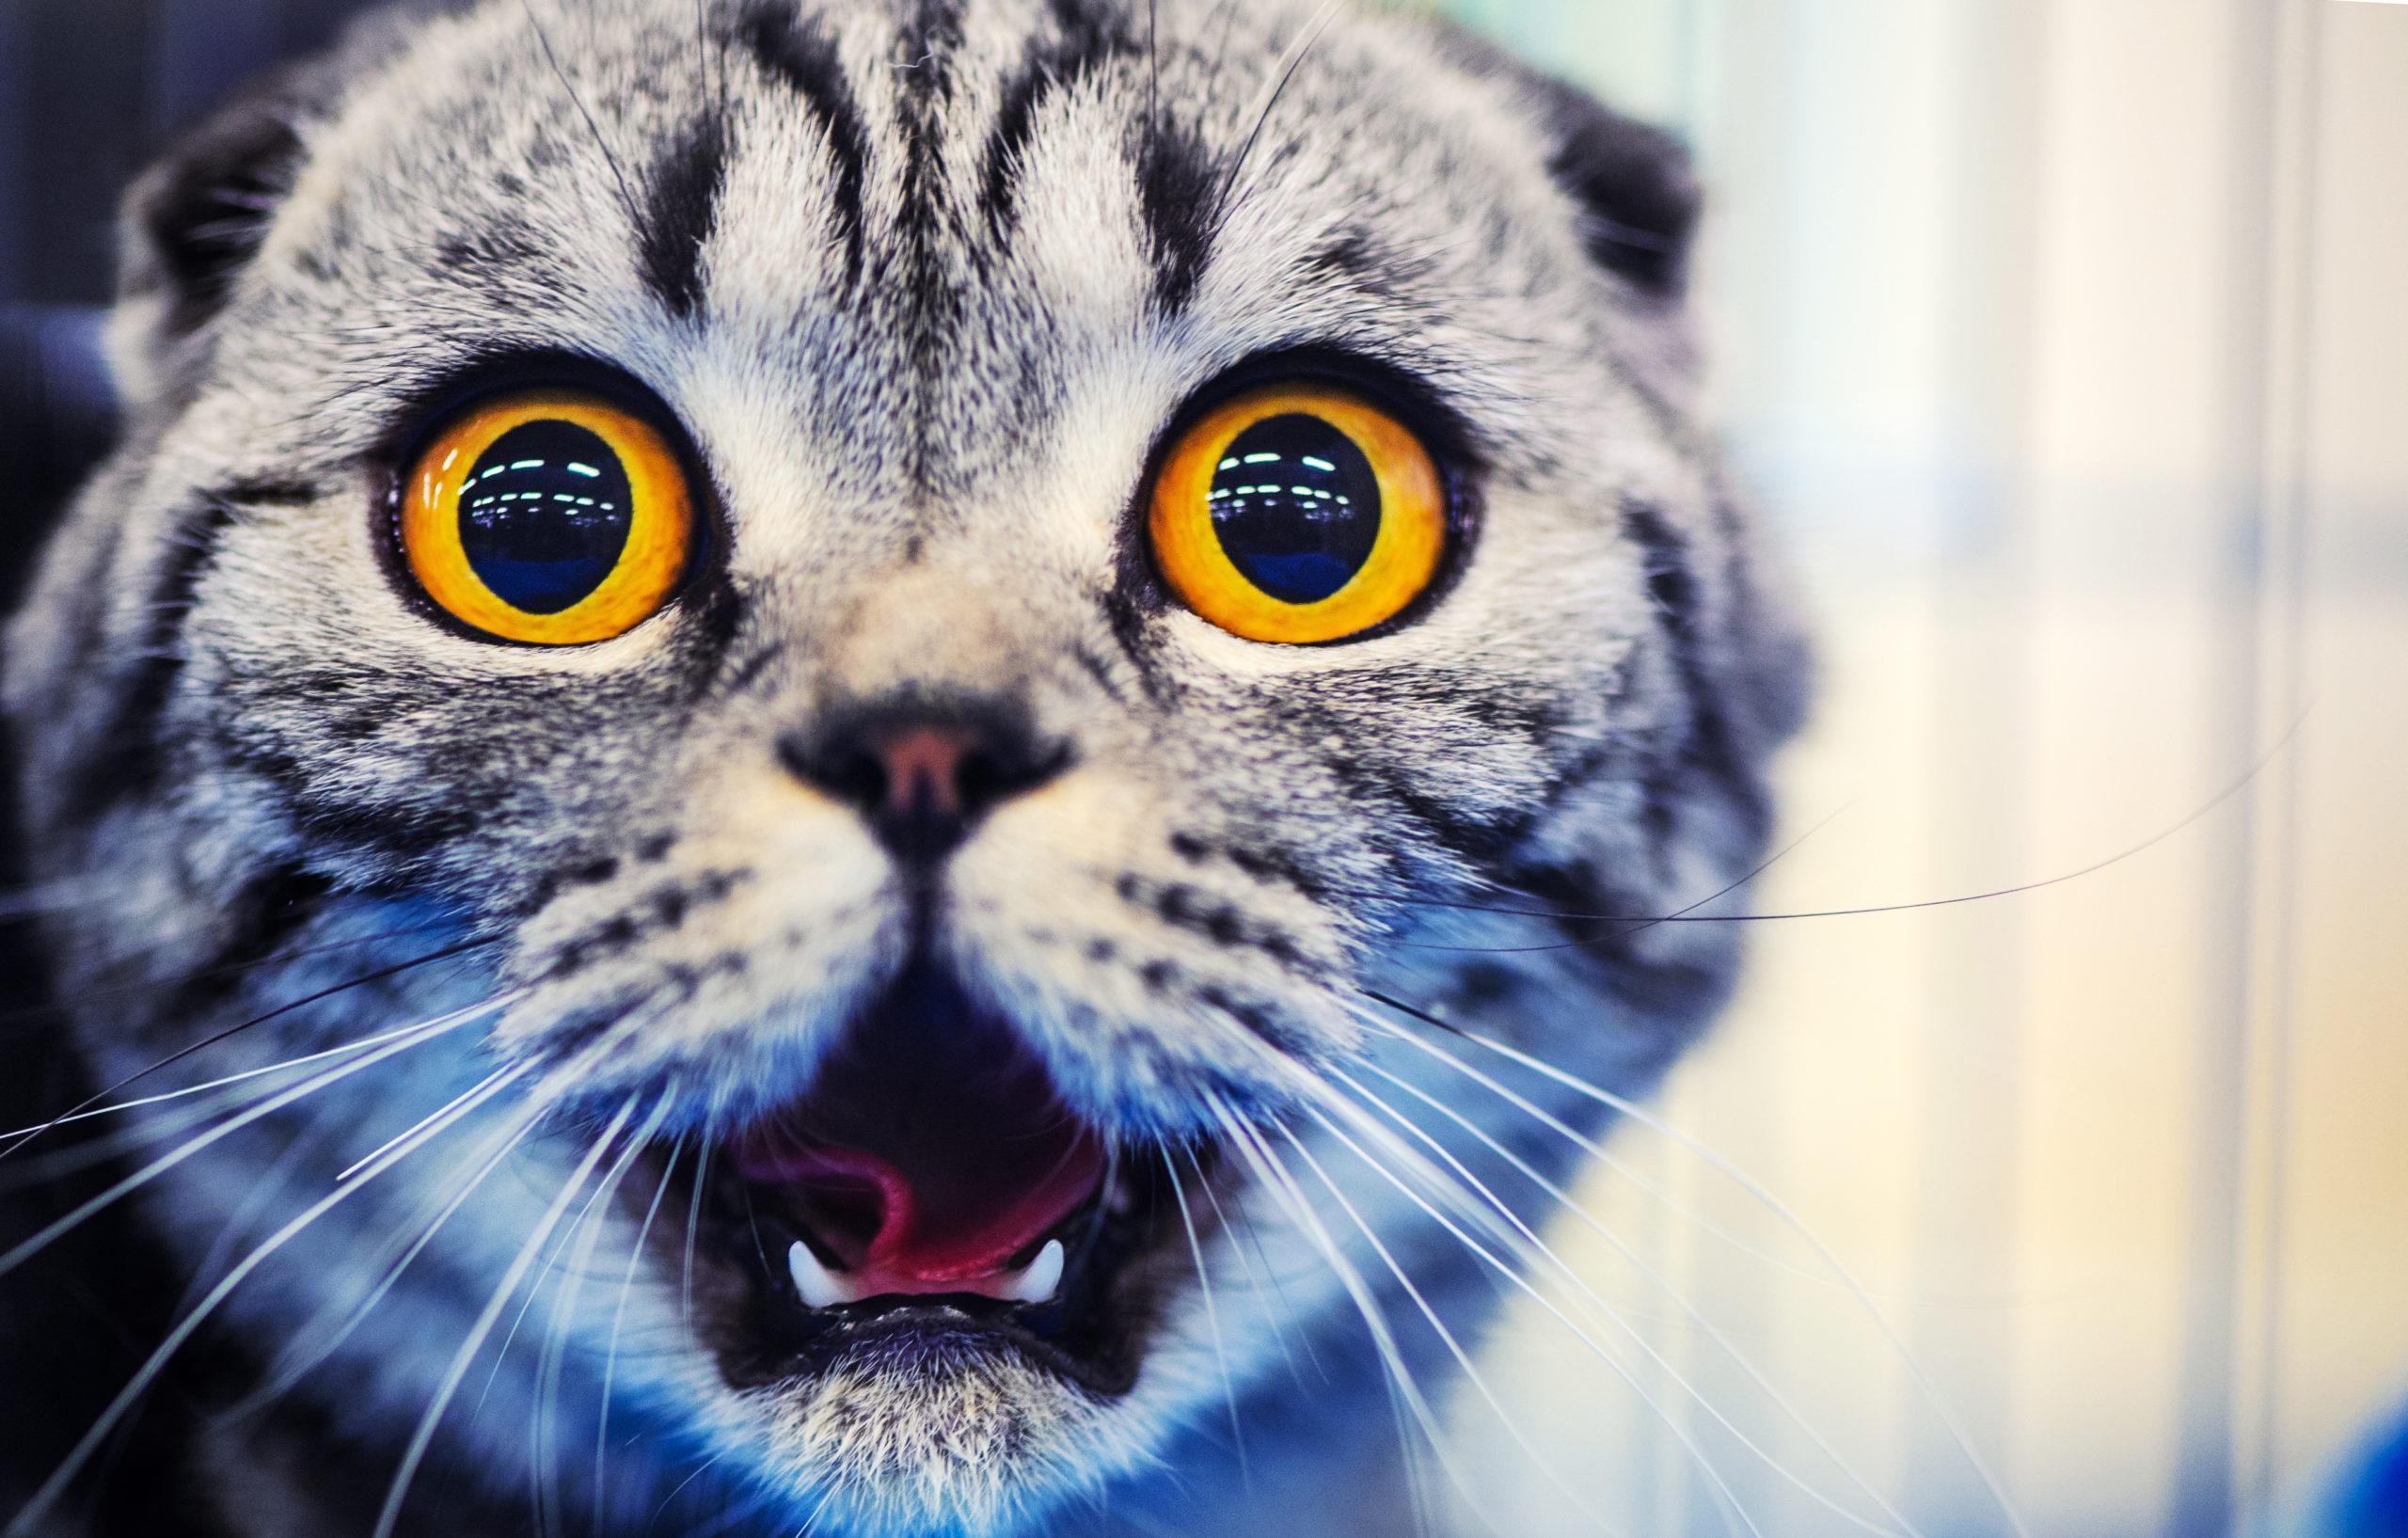 【2020】猫のくしゃみ動画【可愛い・面白い・番外編】